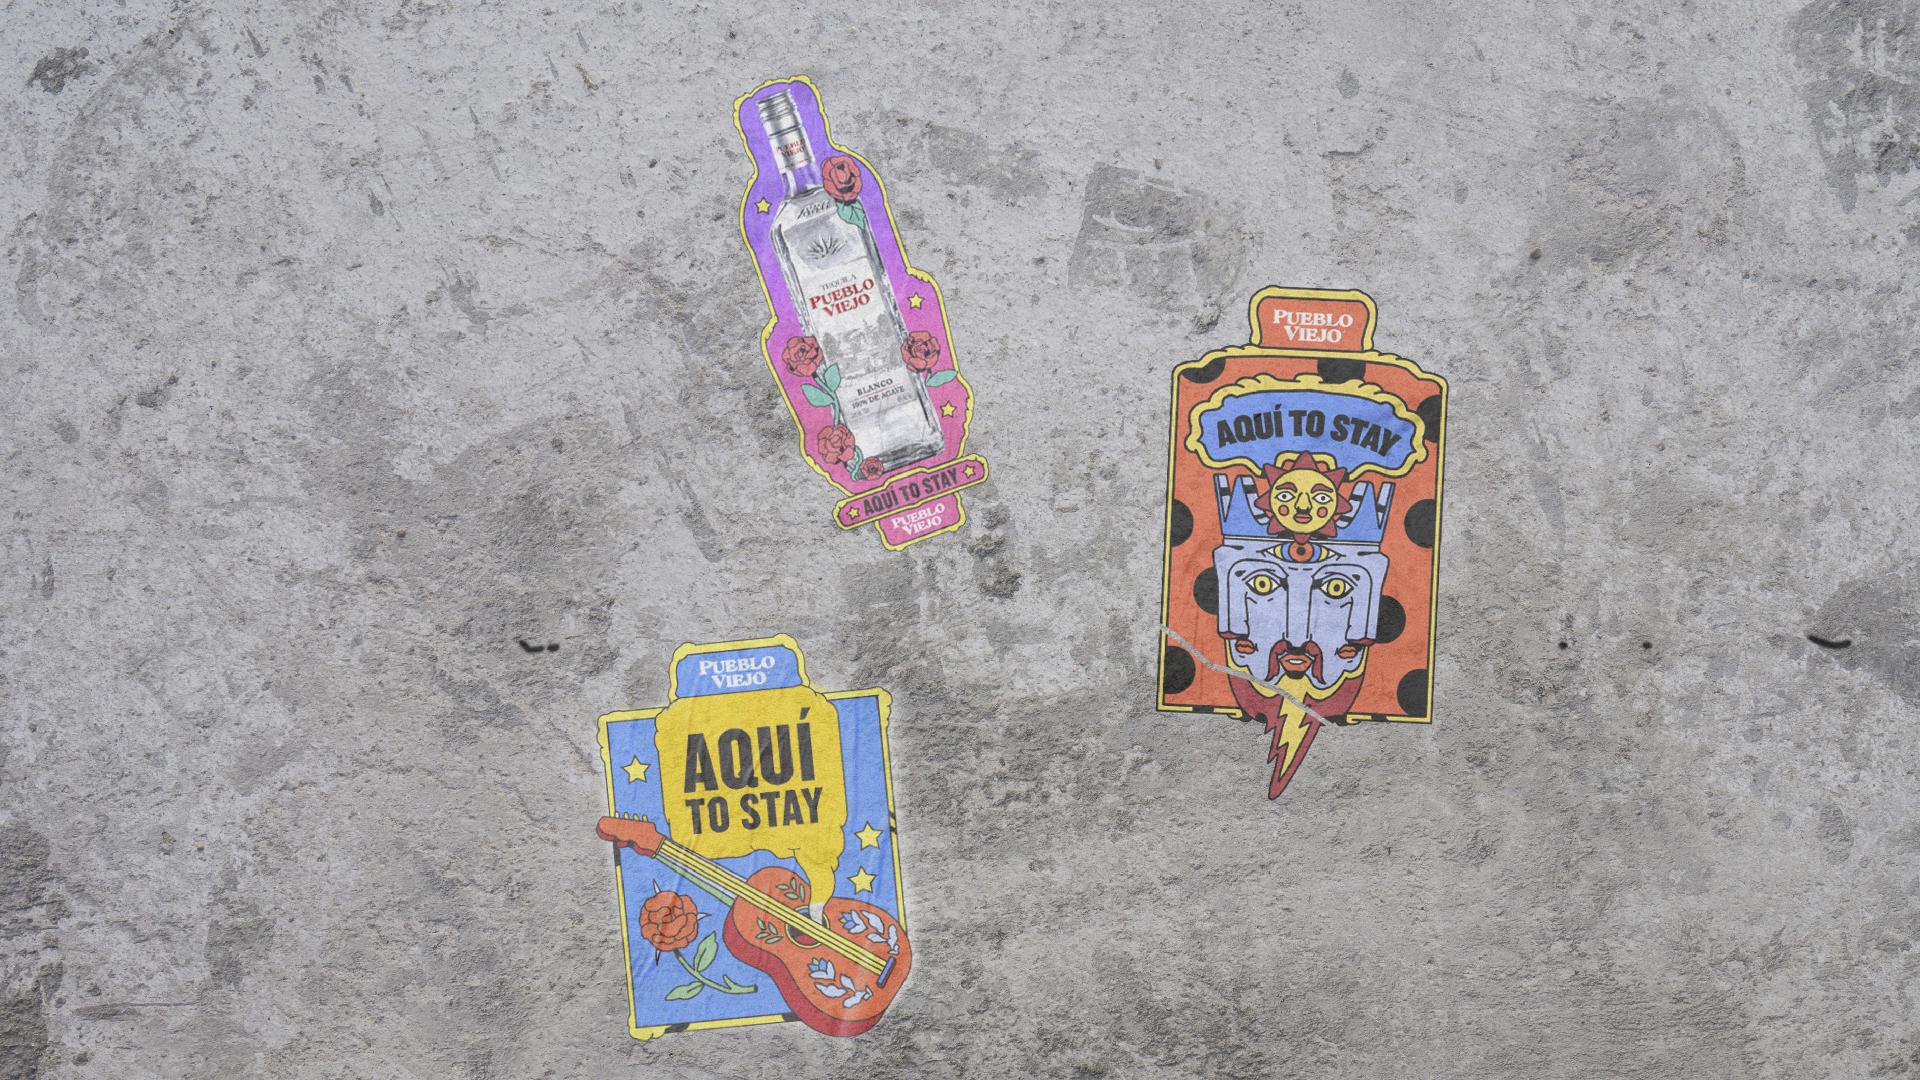 Pueblo Viejo Tequila advertisng campaign